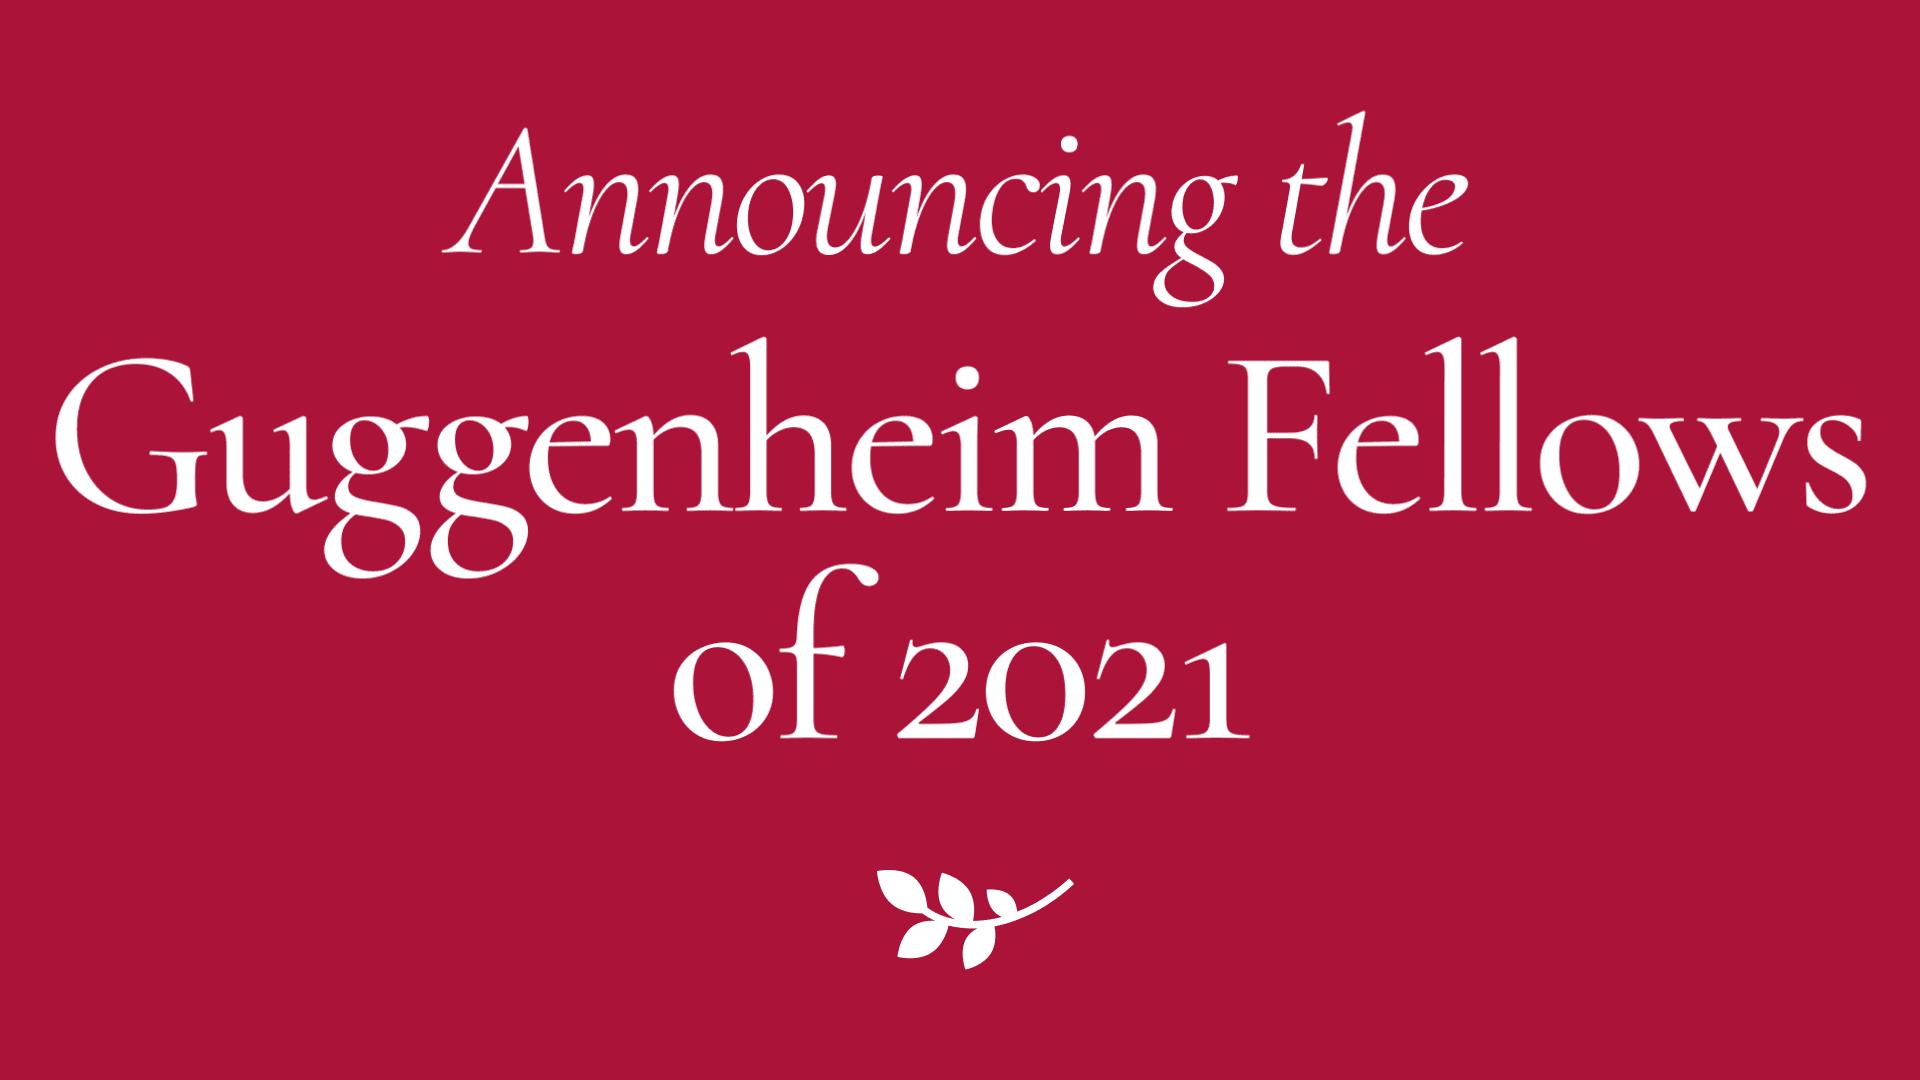 2021 Guggenheim Fellowships Announced